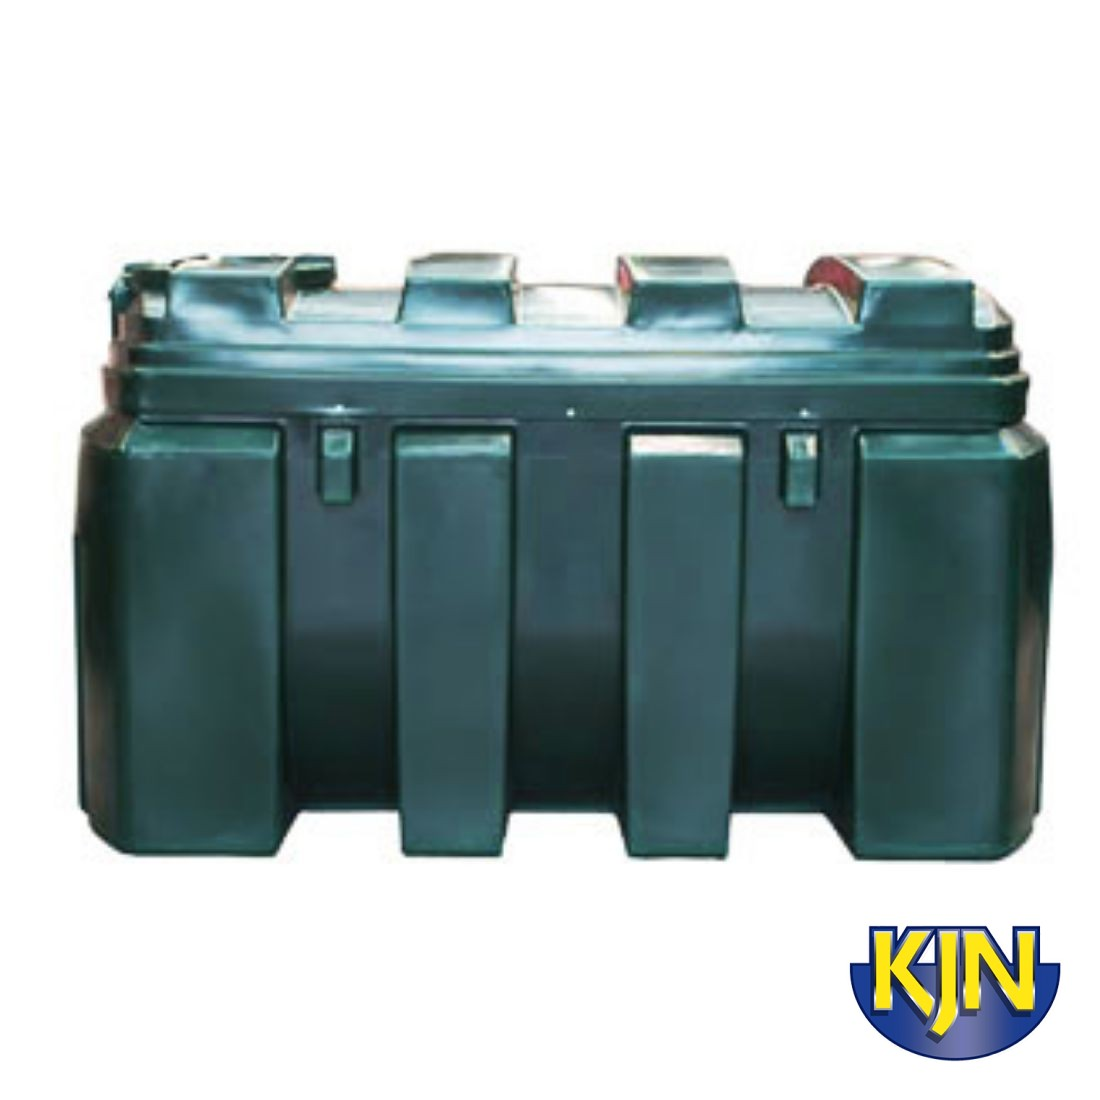 Titan Ecosafe Bunded Oil Tank 1800 Litre Bottom Or Top Outlet